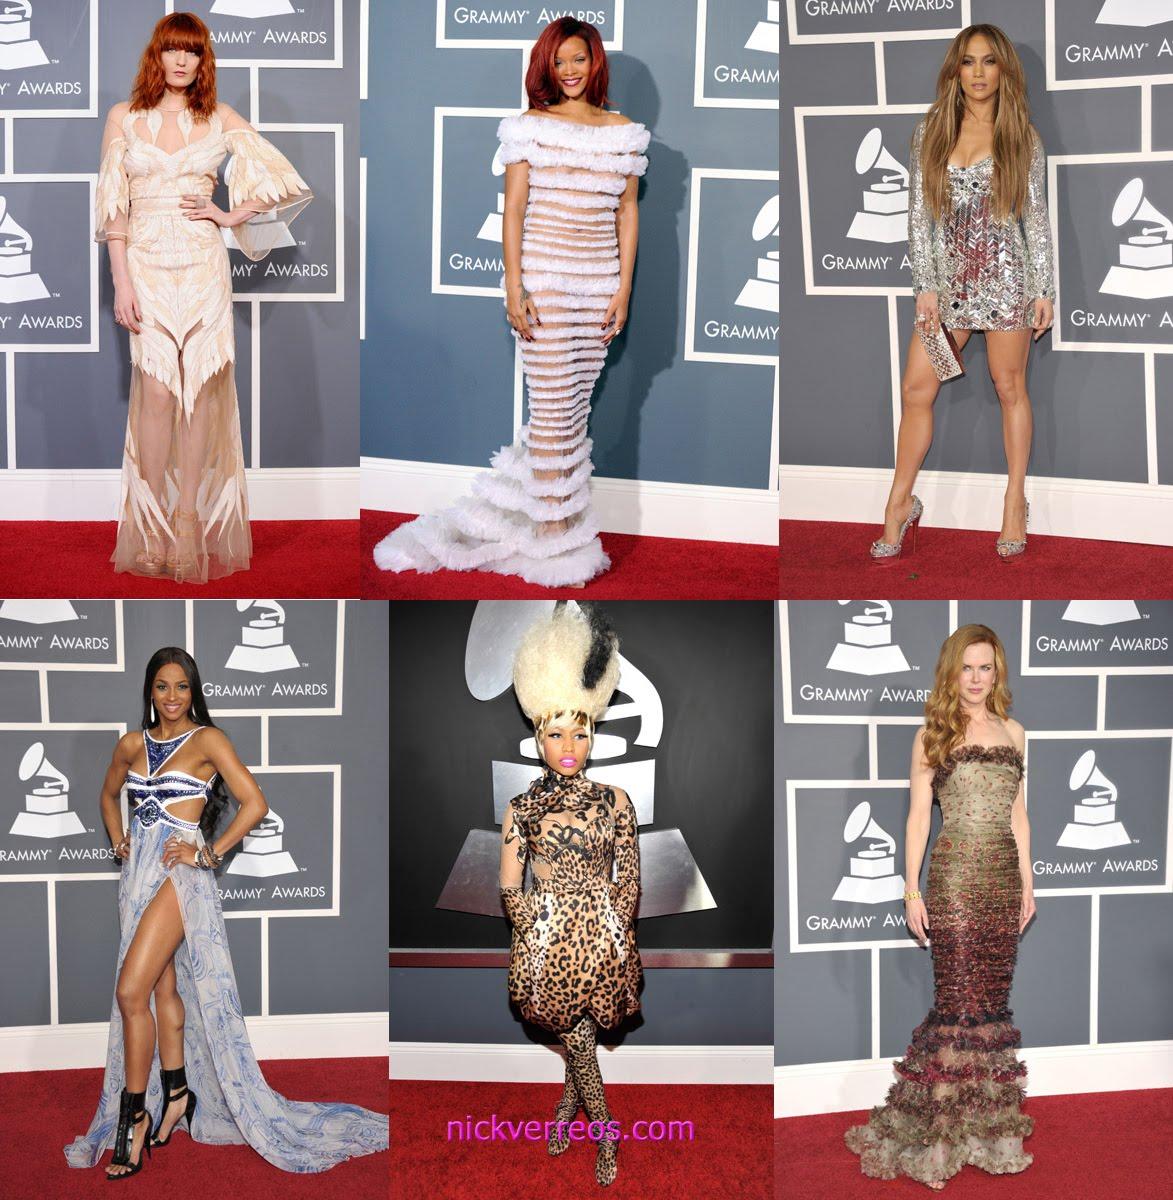 http://2.bp.blogspot.com/-PpVhzHzK29I/TVl88YWJfFI/AAAAAAAALmc/ssGd-ojnZx4/s1600/Grammy%2BComposite.jpg